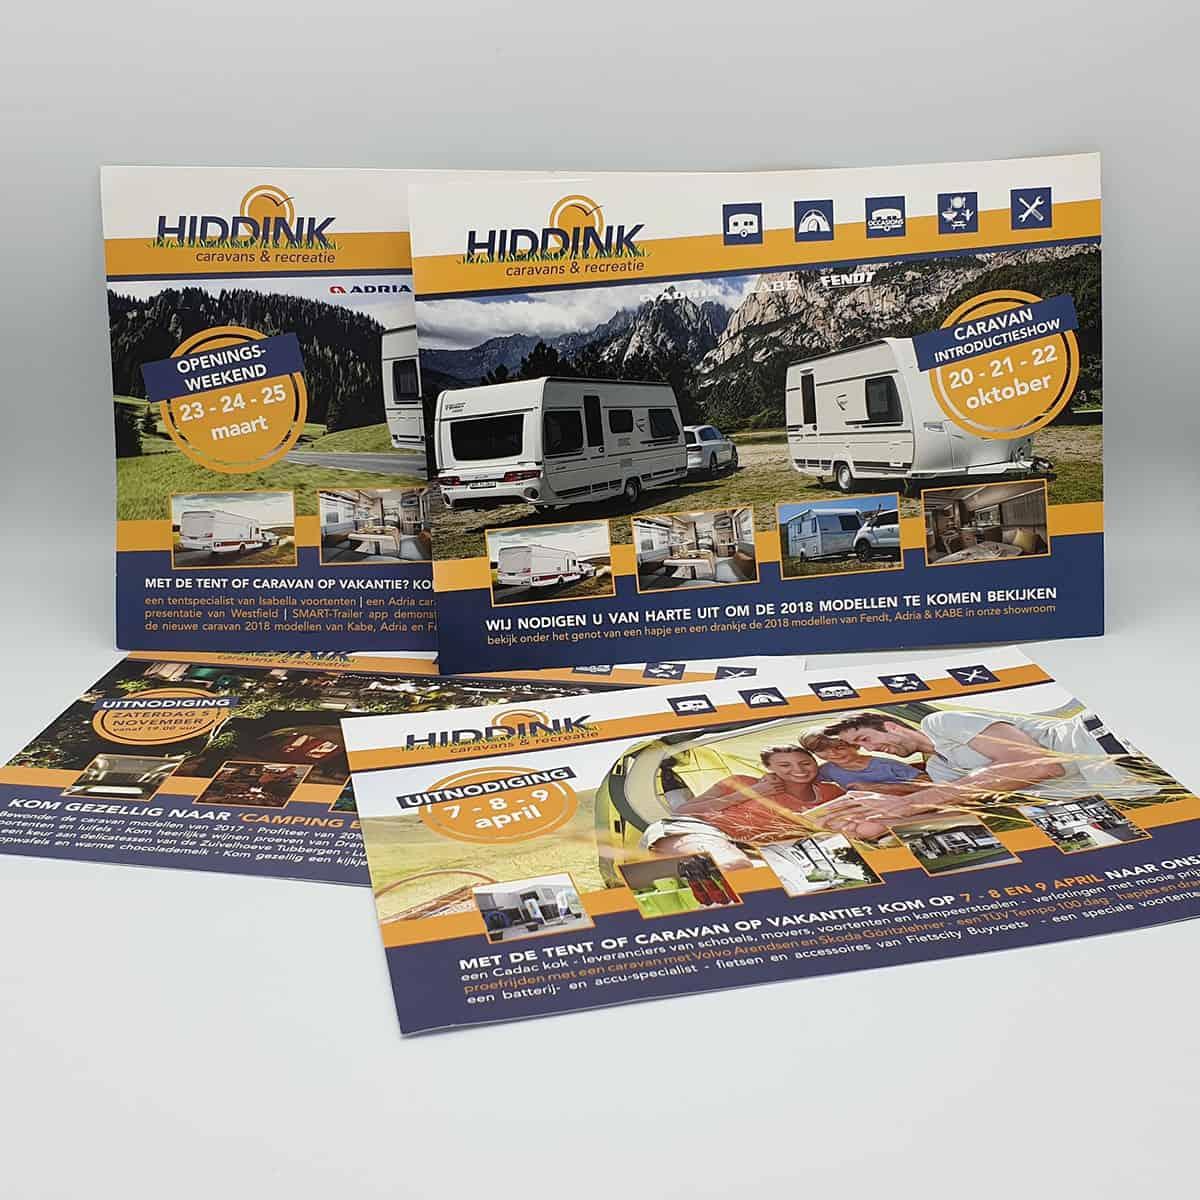 Hiddink-Caravans-uitnodigingen-drukwerk-buro-bedenkt